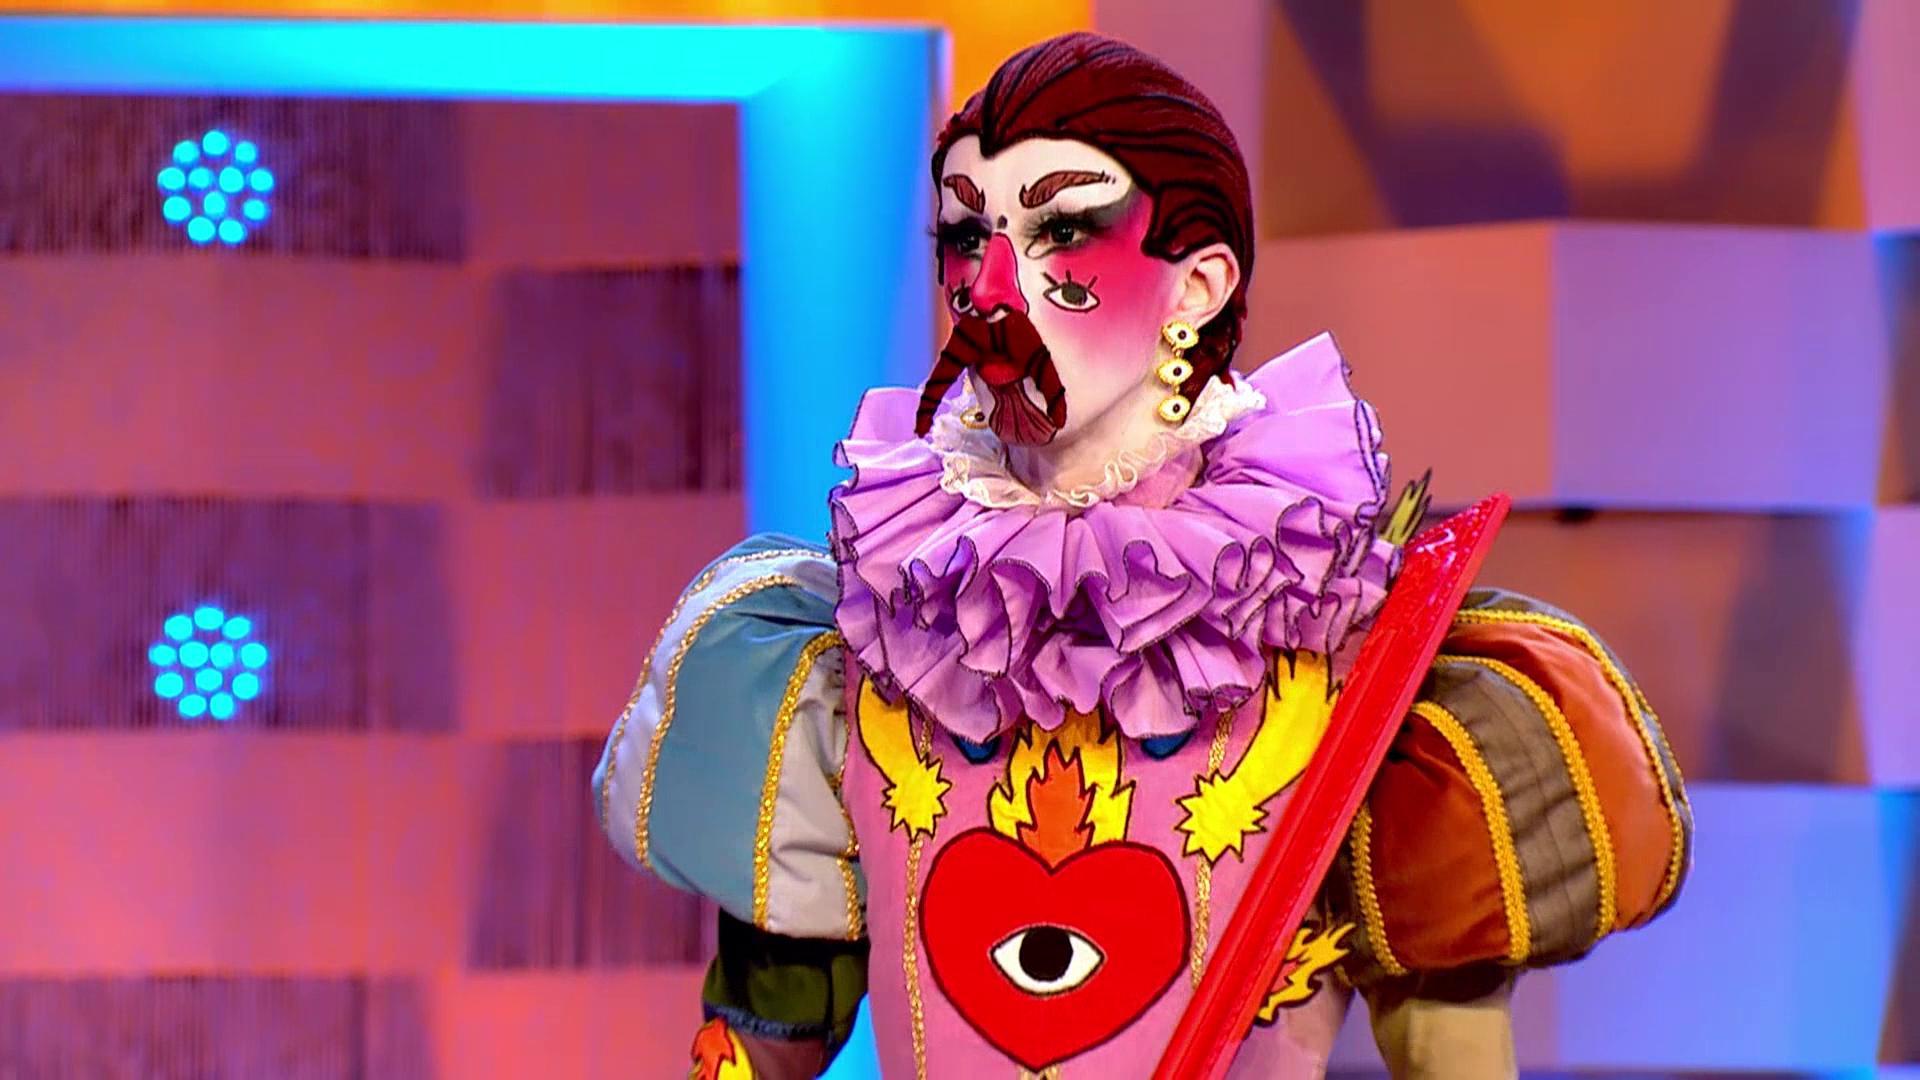 Cena de Drag Race España. Nela, vemos a drag queen Hugáceo Crujiente. Ela usa maquiagem no rosto, pintado de branco, com desenhos coloridos. Podemos ver o desenho de olhos em suas bochechas e em um encarte de coração em seu peito.